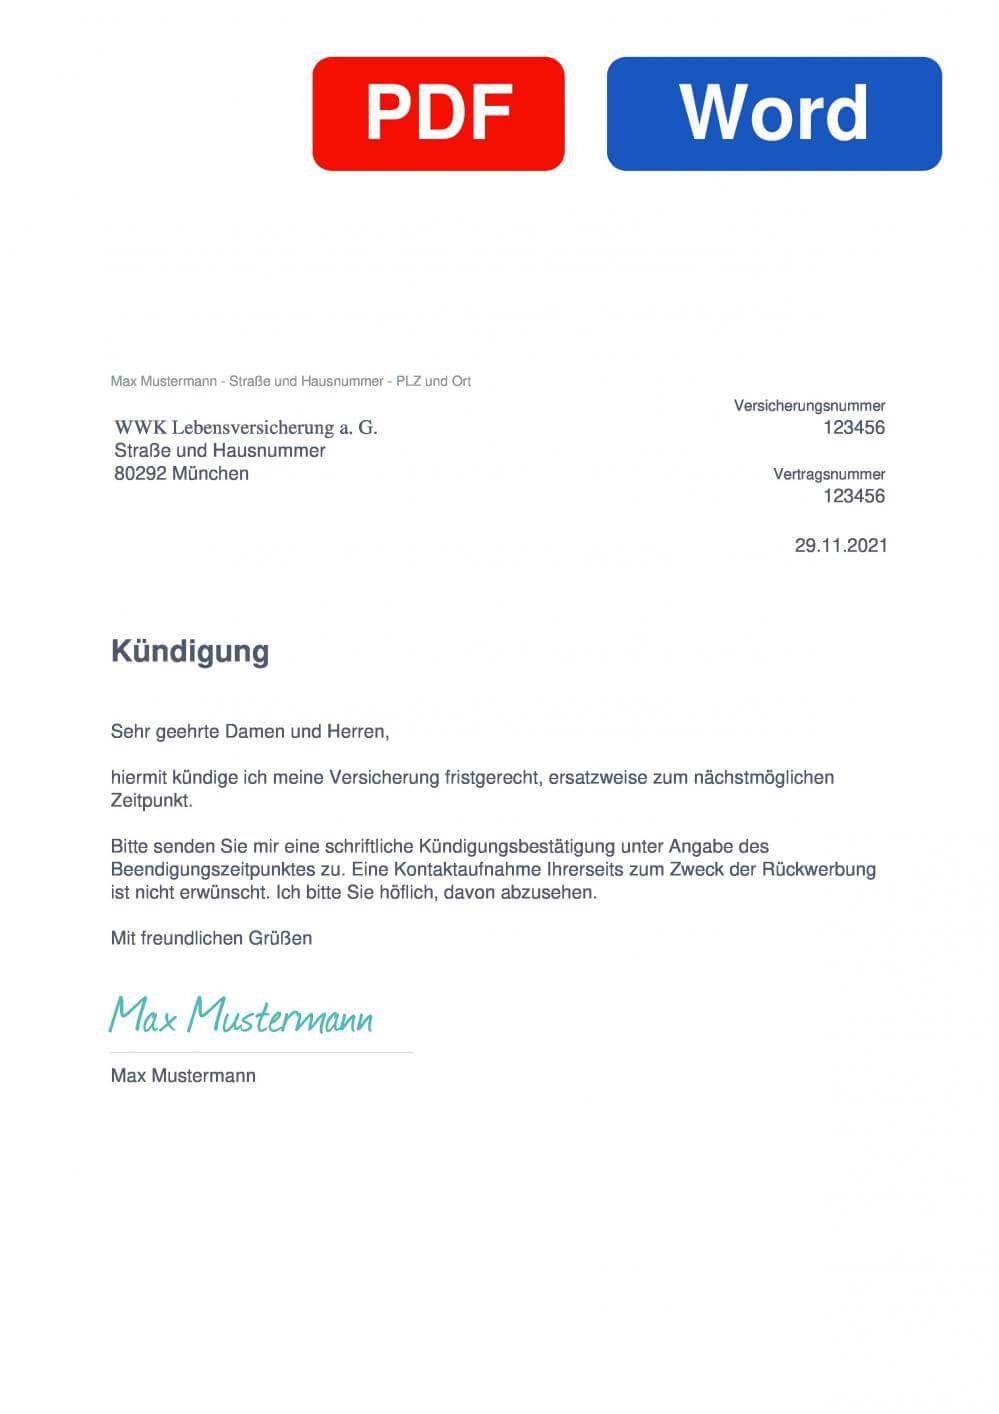 WWK Fondsrente Muster Vorlage für Kündigungsschreiben